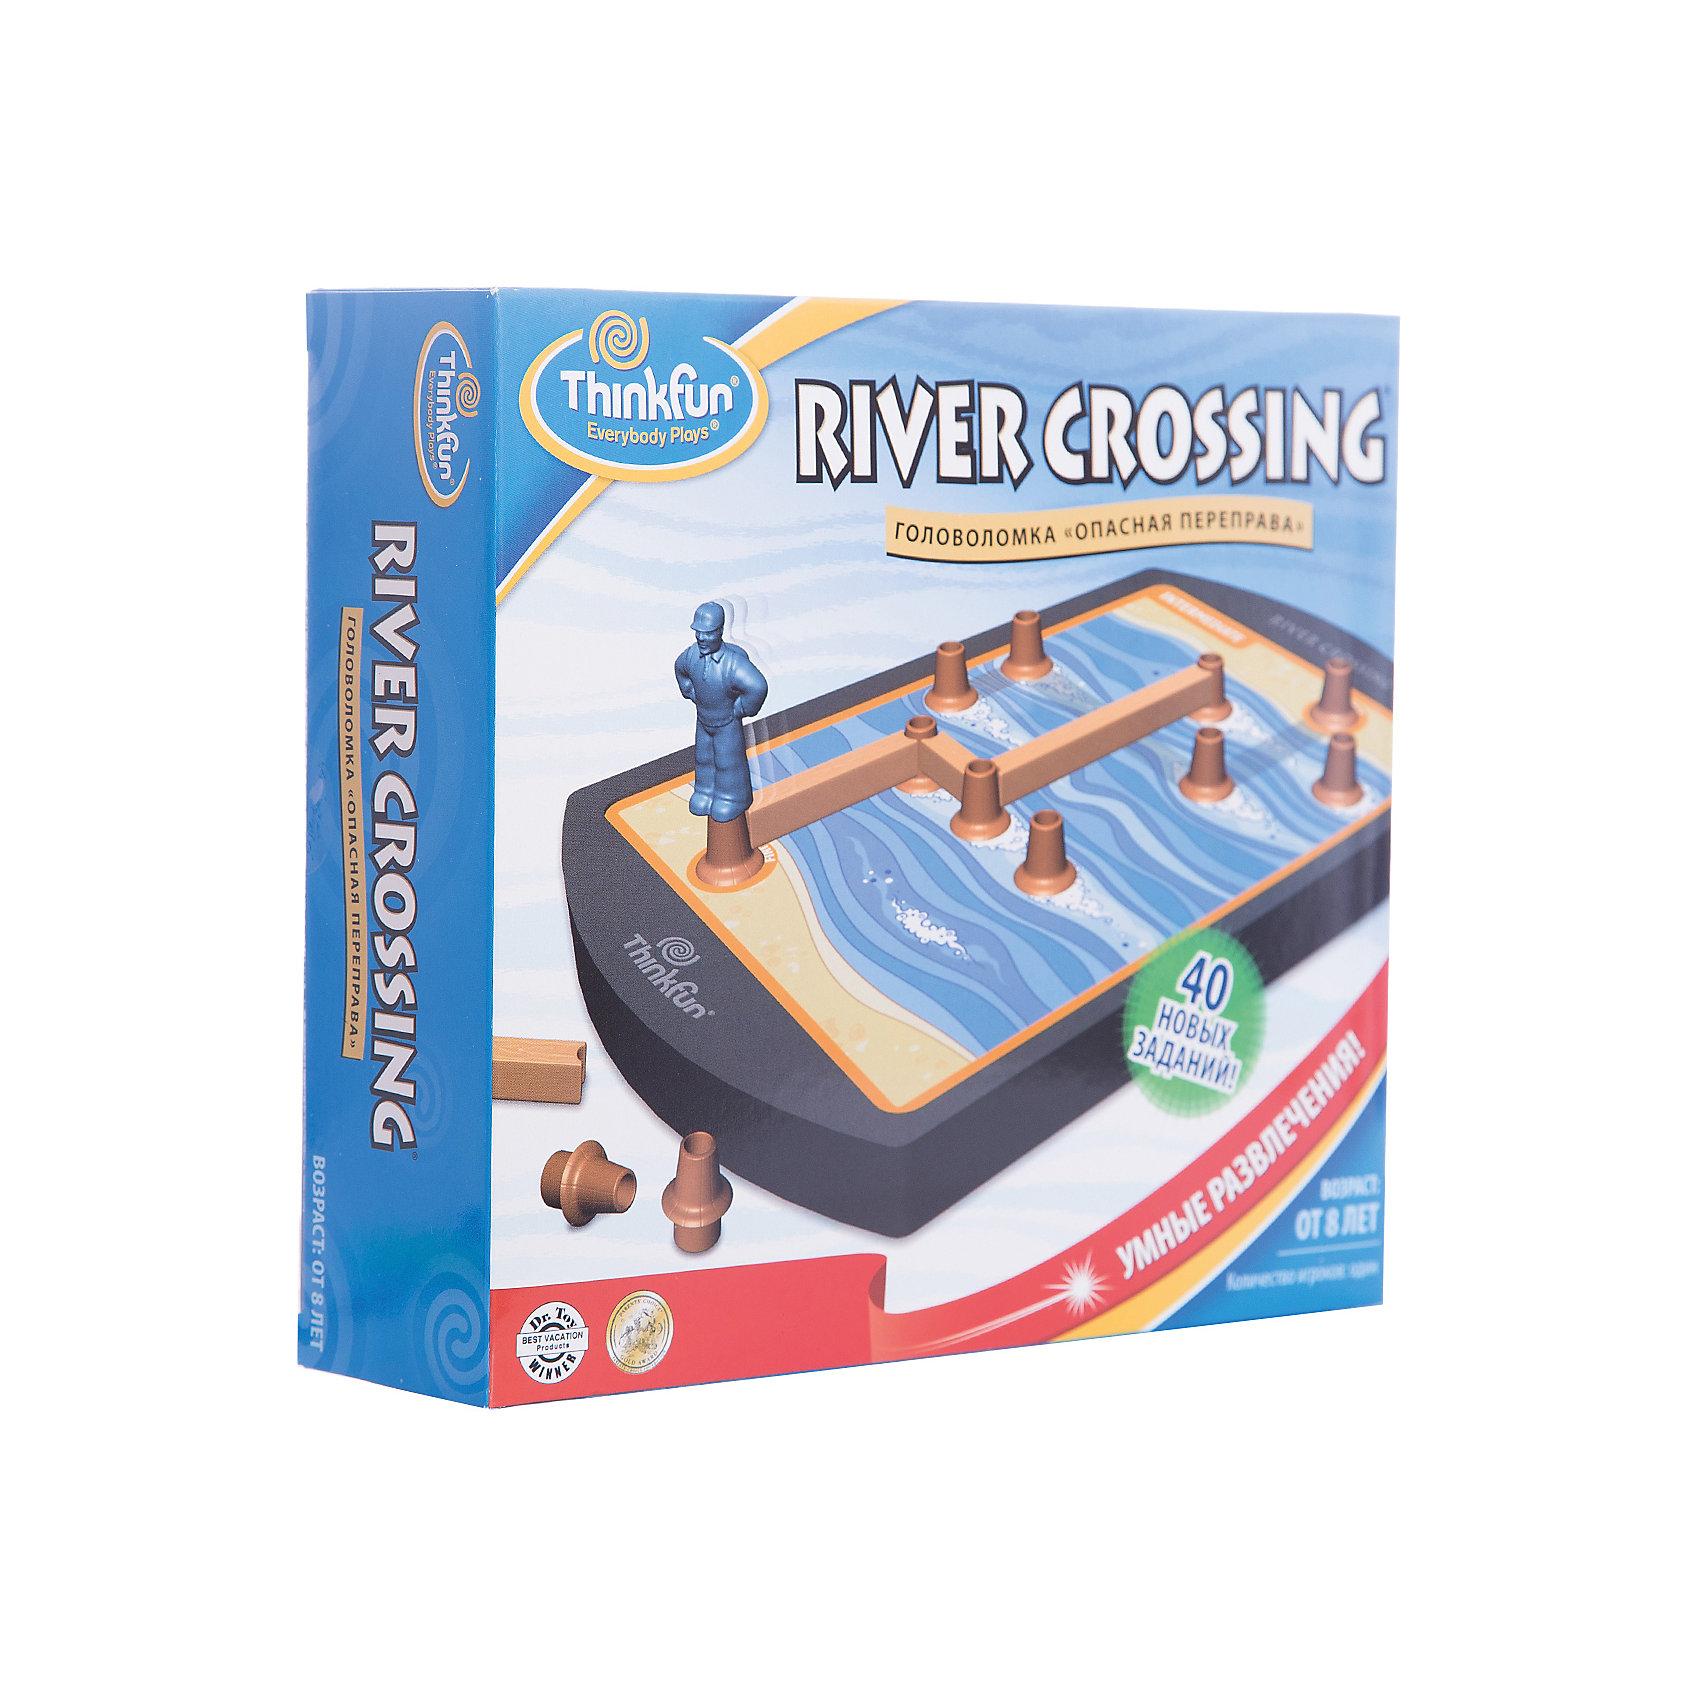 Игра Опасная переправа, ThinkfunГоловоломки<br>Логическая игра Опасная переправа от Thinkfun. <br><br>Игра состоит из 40 оригинальных заданий и 4 игровых уровней. Вы можете начать игру с легких заданий как начинающий или попробовать решить сложные логические задания как эксперт. <br><br>Задача игрока заключается в помощи туристу, который хочет перебраться через реку сухим и невредимым. В этом ему помогут пеньки и доски, из которых игроку надо построить дорожку. Если турист сможет добраться до противоположного берега, то Вы выиграли!<br><br>Развивайте логику и пространственное мышление вместе с играми от Thinkfun!<br><br>Ширина мм: 350<br>Глубина мм: 240<br>Высота мм: 30<br>Вес г: 502<br>Возраст от месяцев: 72<br>Возраст до месяцев: 144<br>Пол: Унисекс<br>Возраст: Детский<br>SKU: 2604190